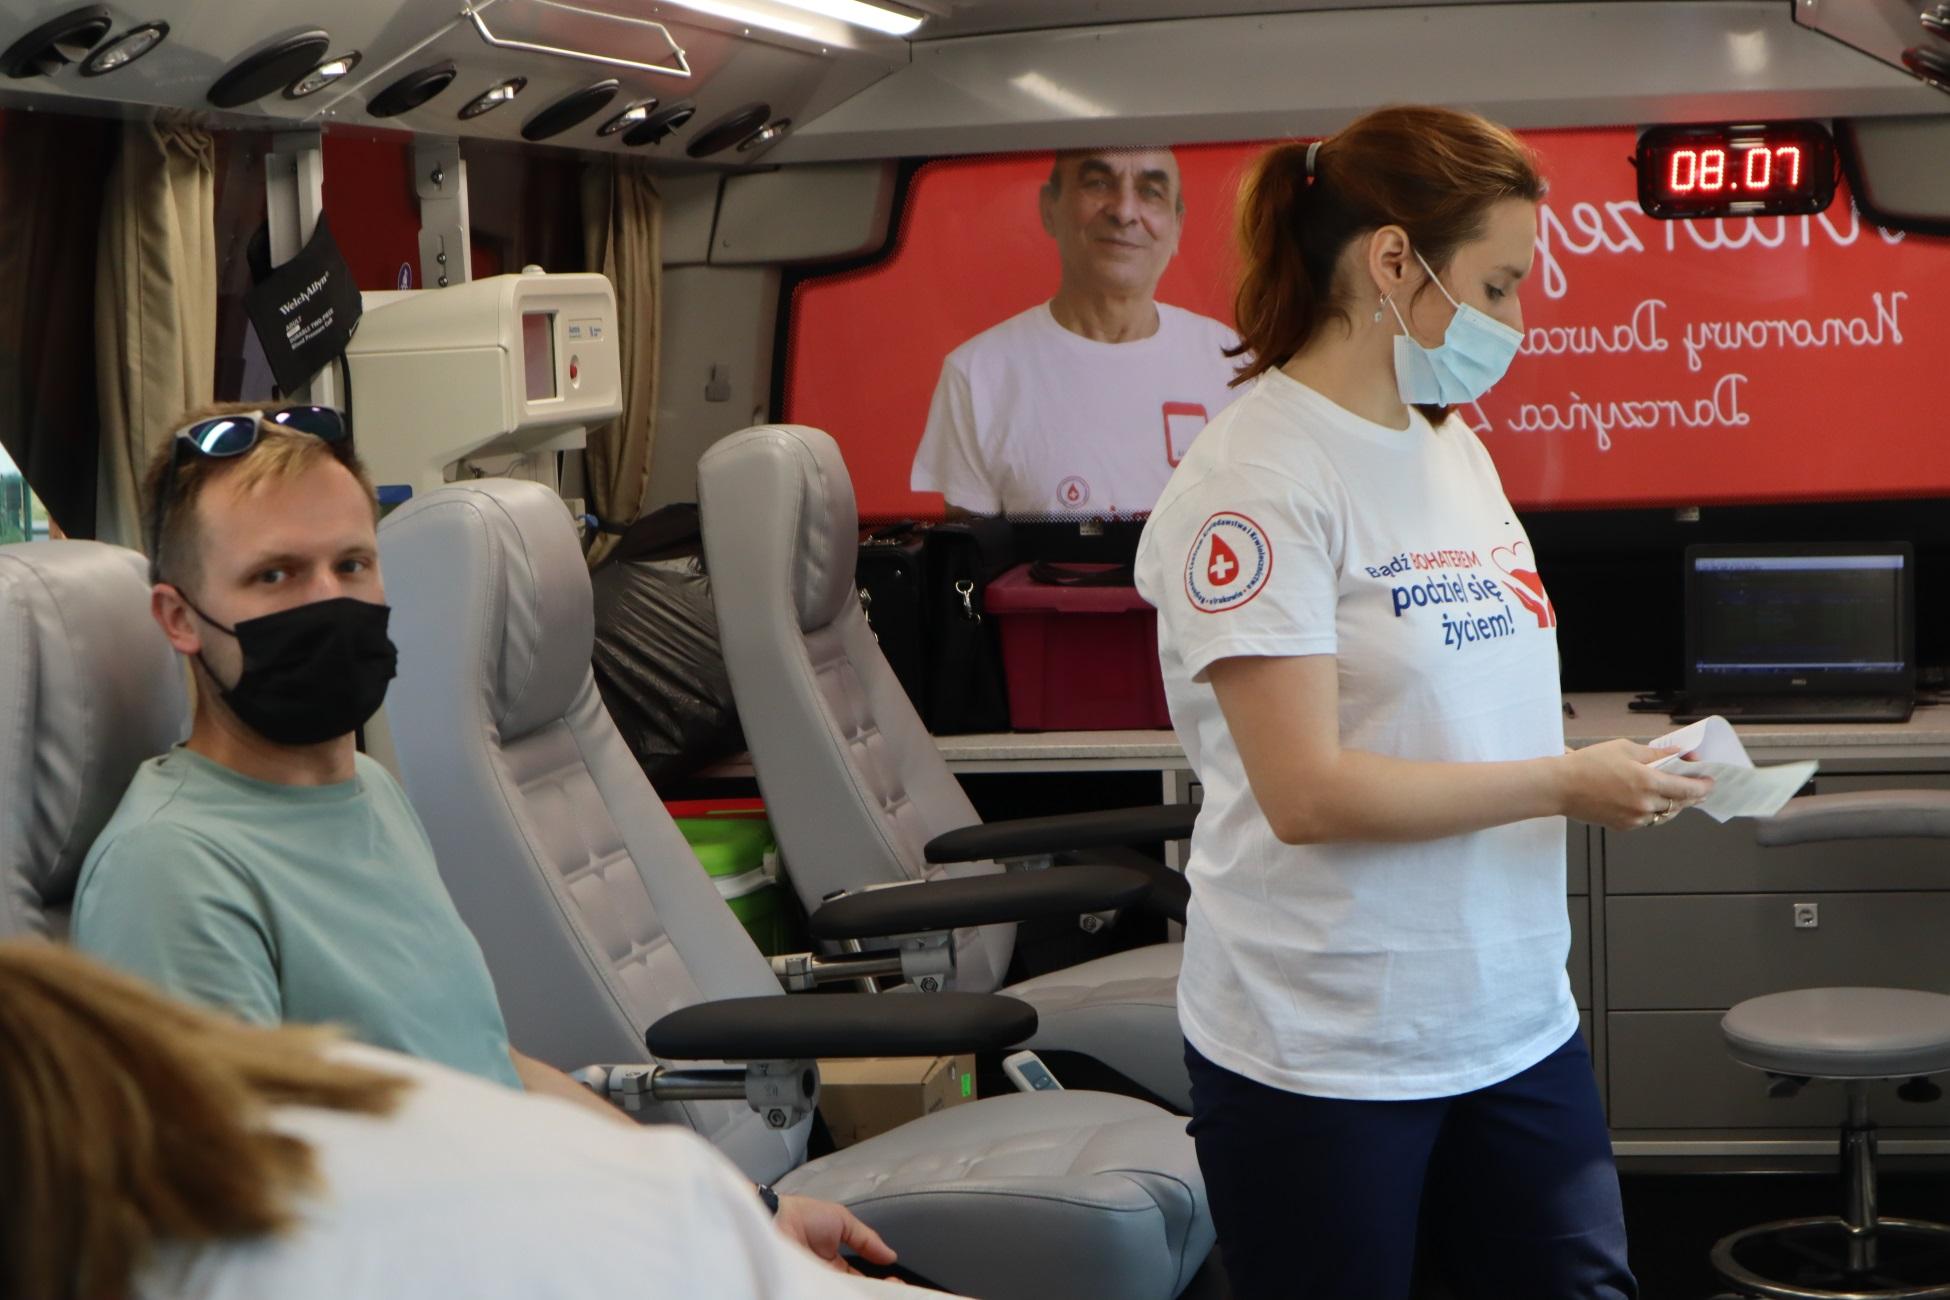 Pobieranie krwi. Po lewej trzy fotele do donacji oraz krwiodaca, po prawej pracownik Regionalnego Centrum Krwiodawstwa i Krwiolecznictwa w Krakowie